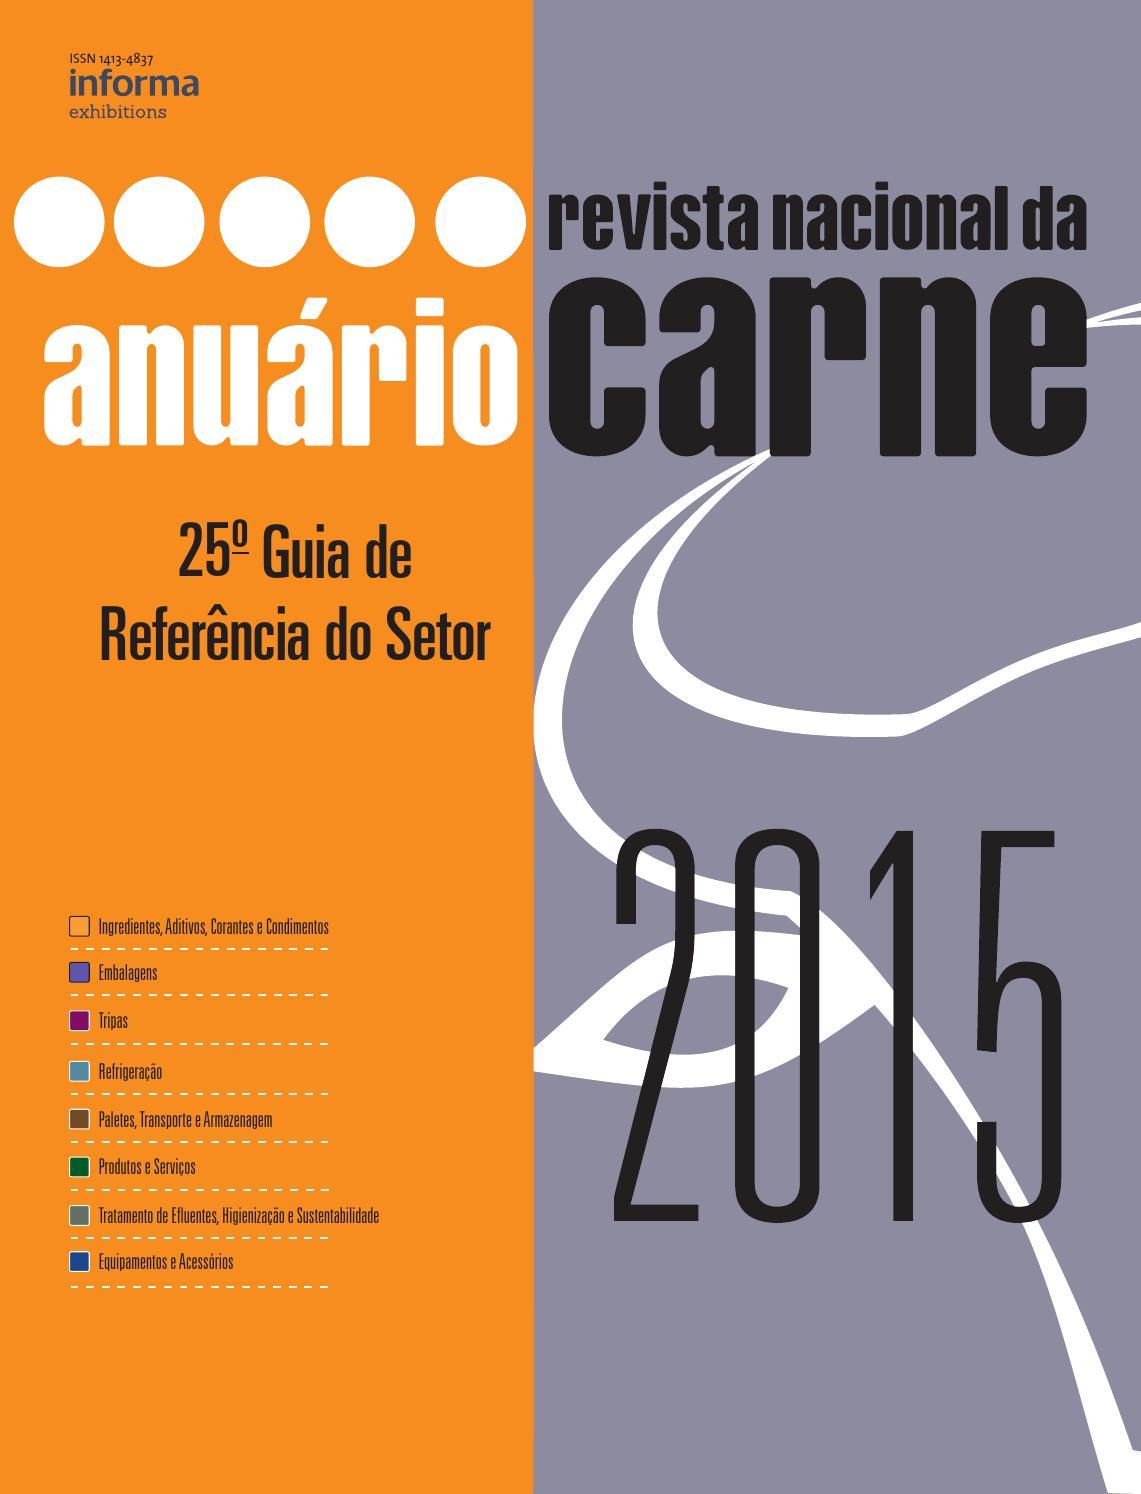 Revista Nacional da Carna - Edição 461 - Anuário 2015 by BTS Informa - issuu 594f5e9a96e